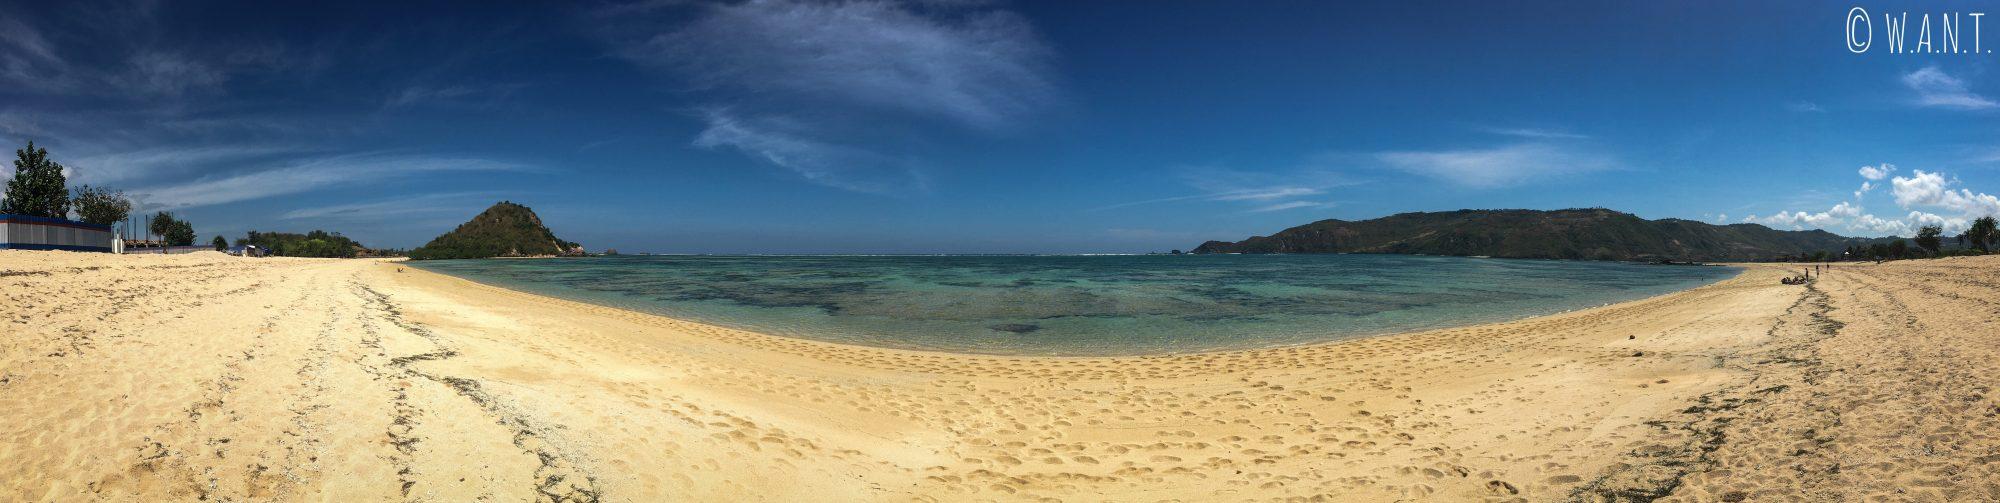 Littoral de la plage de Kuta Lombok en regardant vers la mer